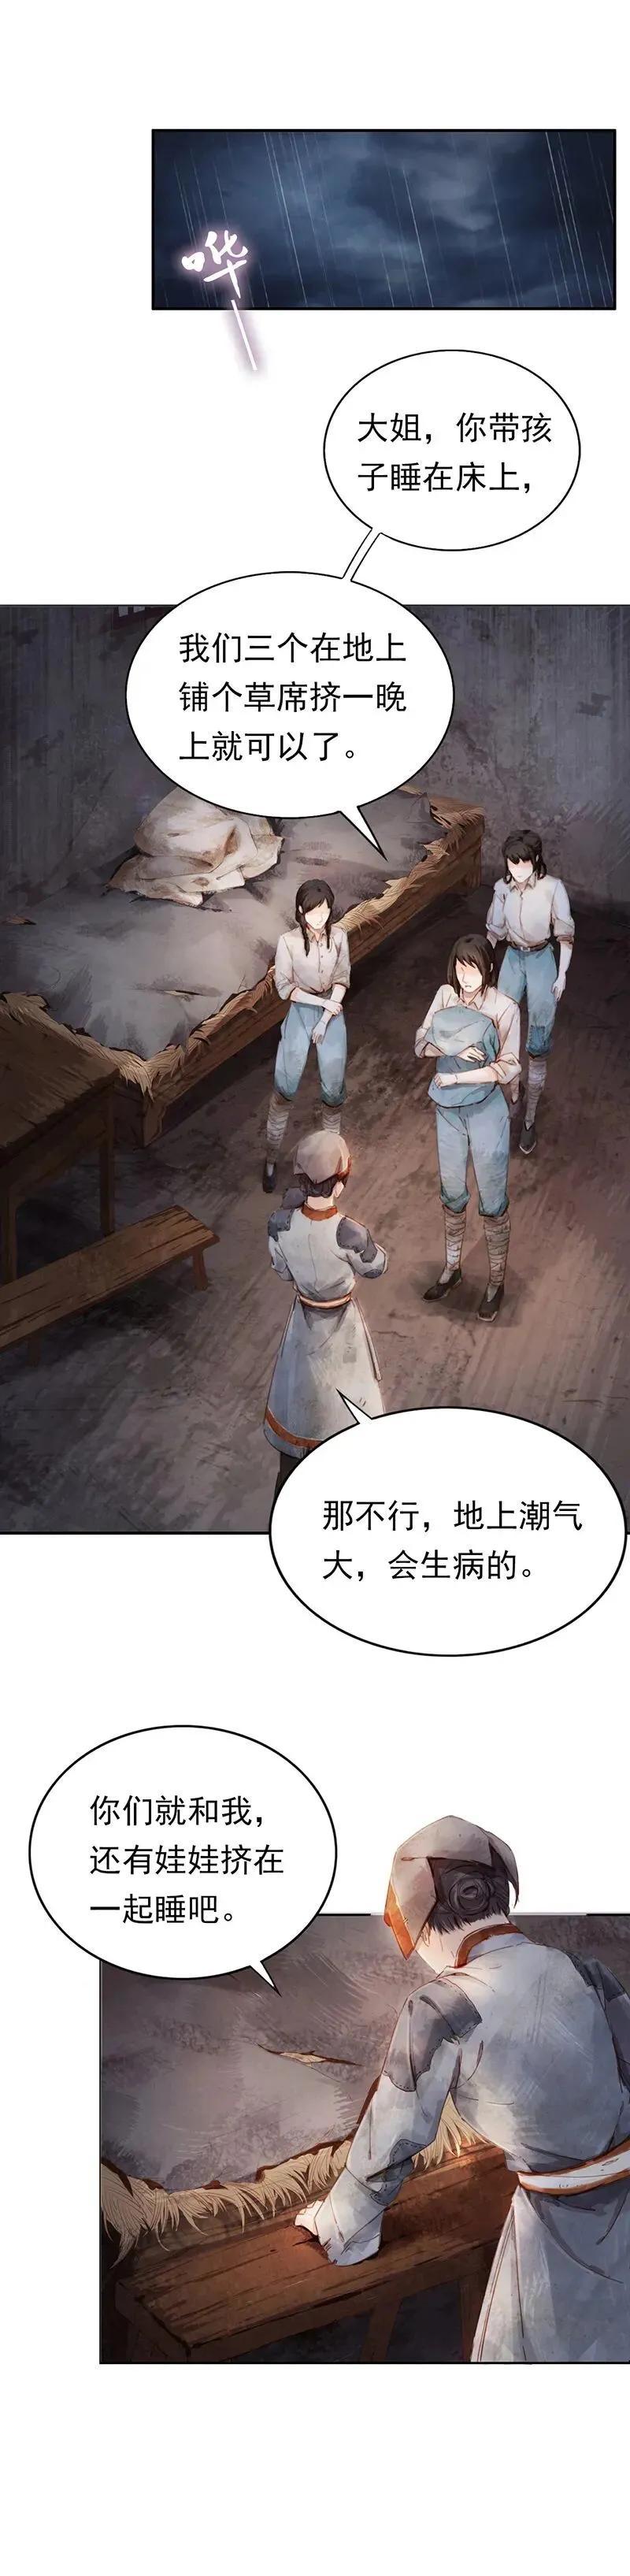 【學黨史 明真相】這一個動作,告訴你中國共產黨為什么行!